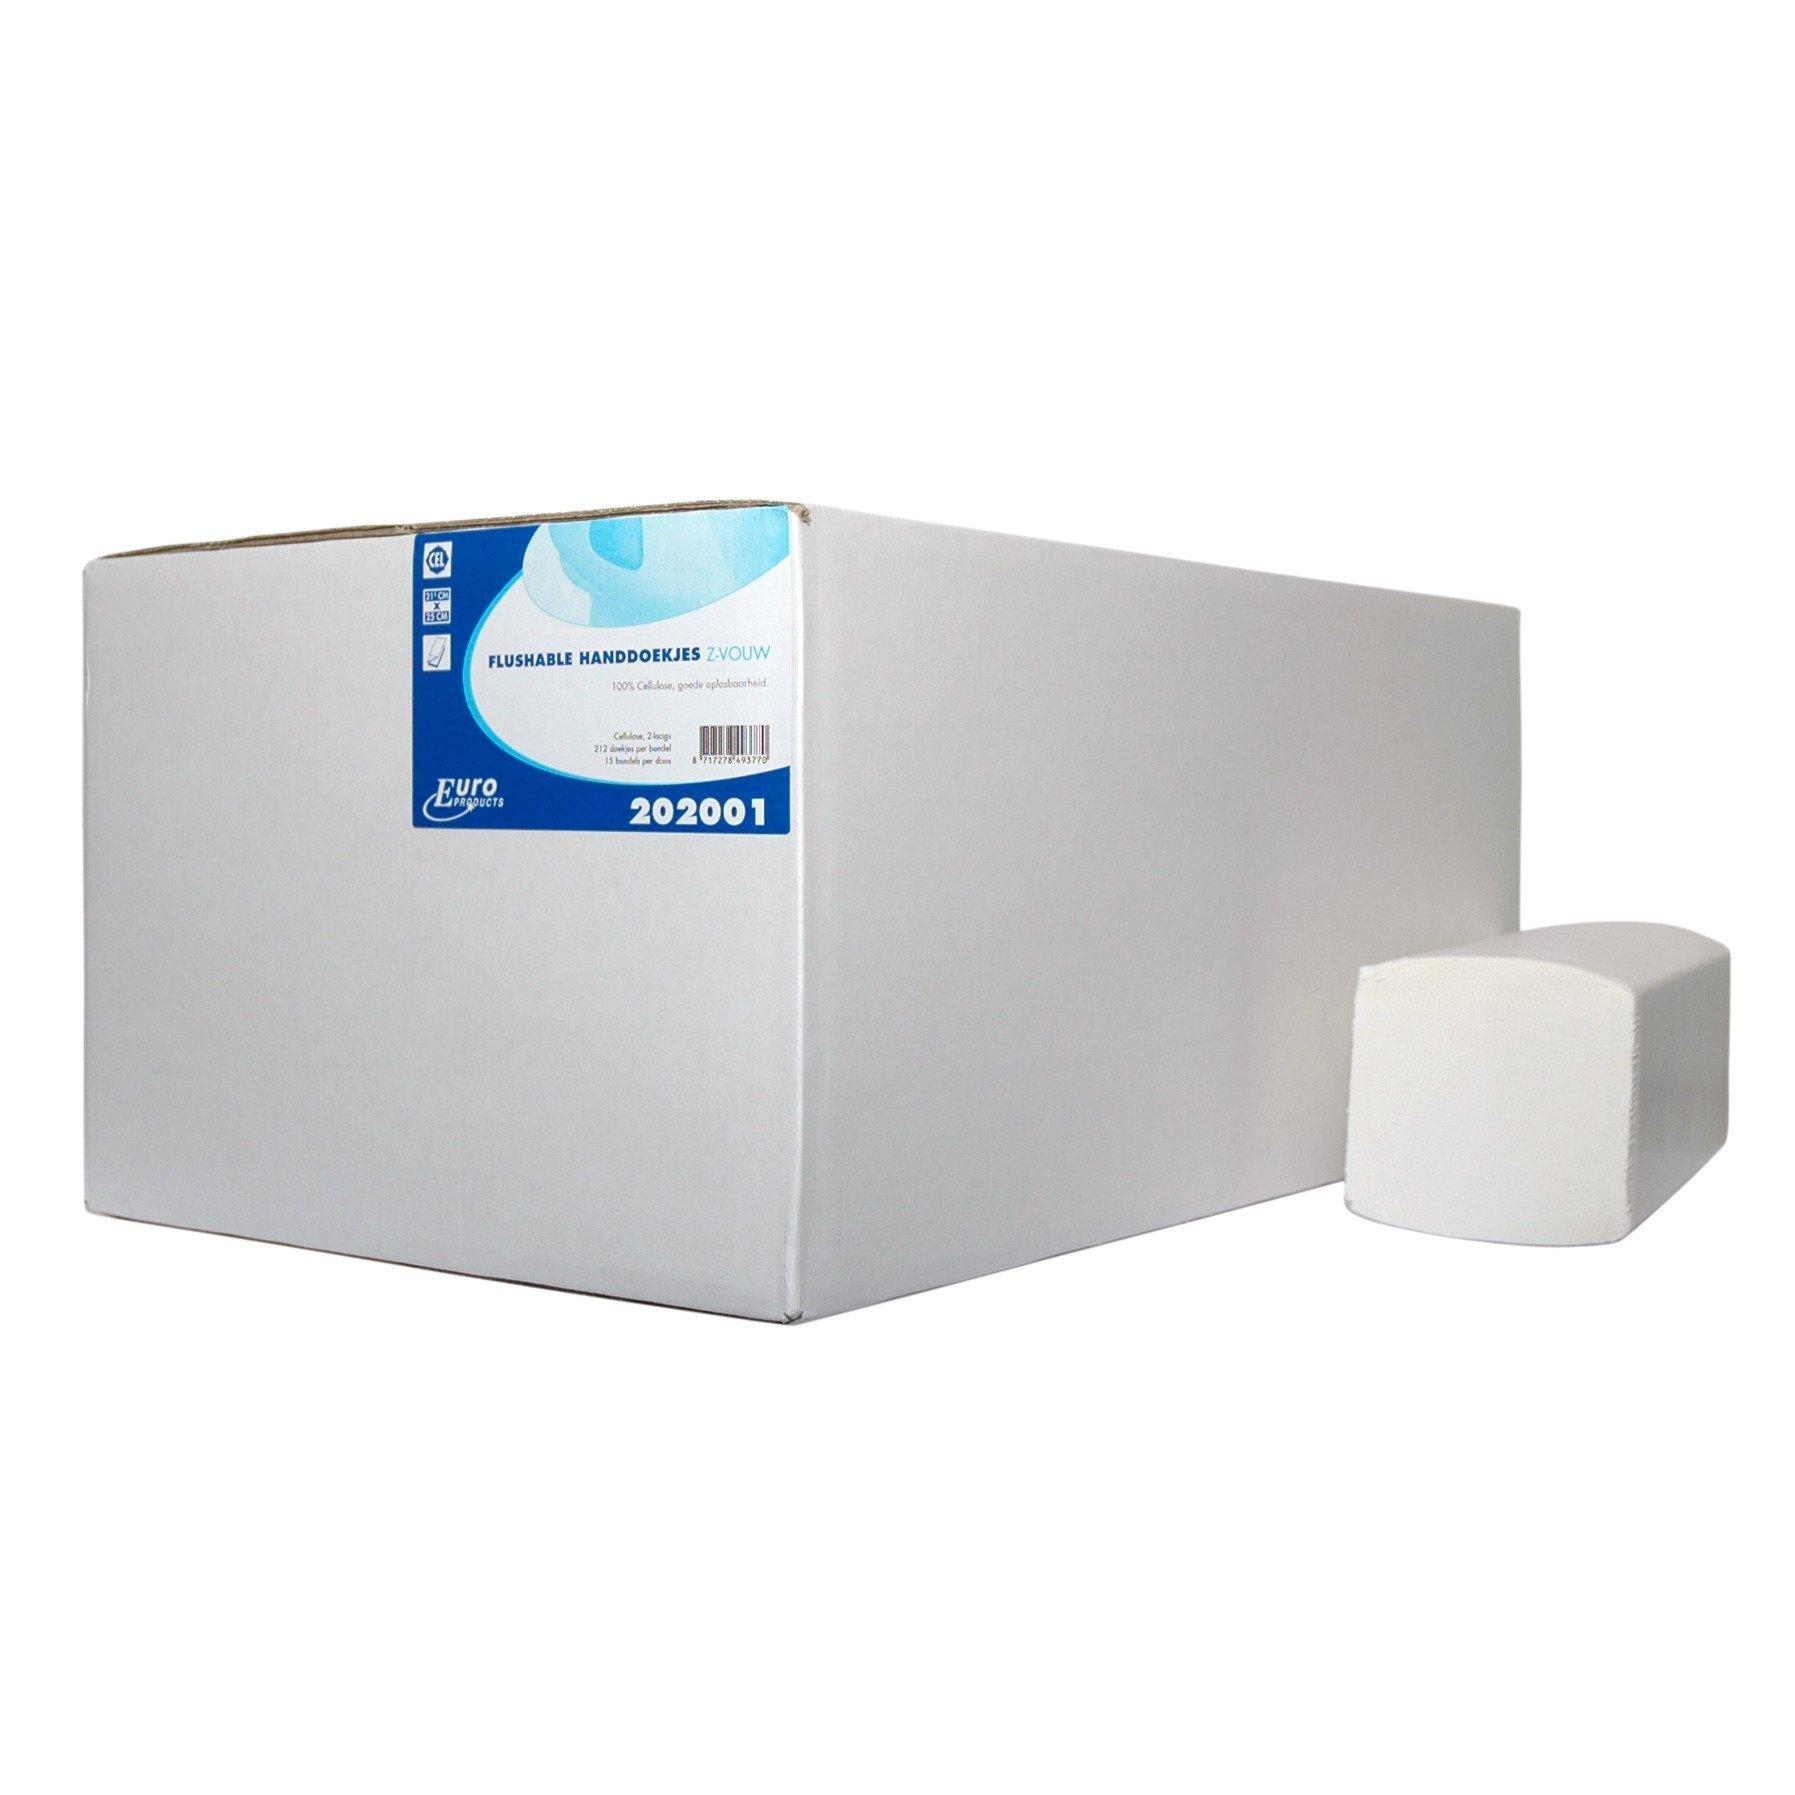 Euro Products Papieren Oplosbare Z-vouw handdoekjes 2-laags 20,5 x 25 cm | 20 x 160 stuks